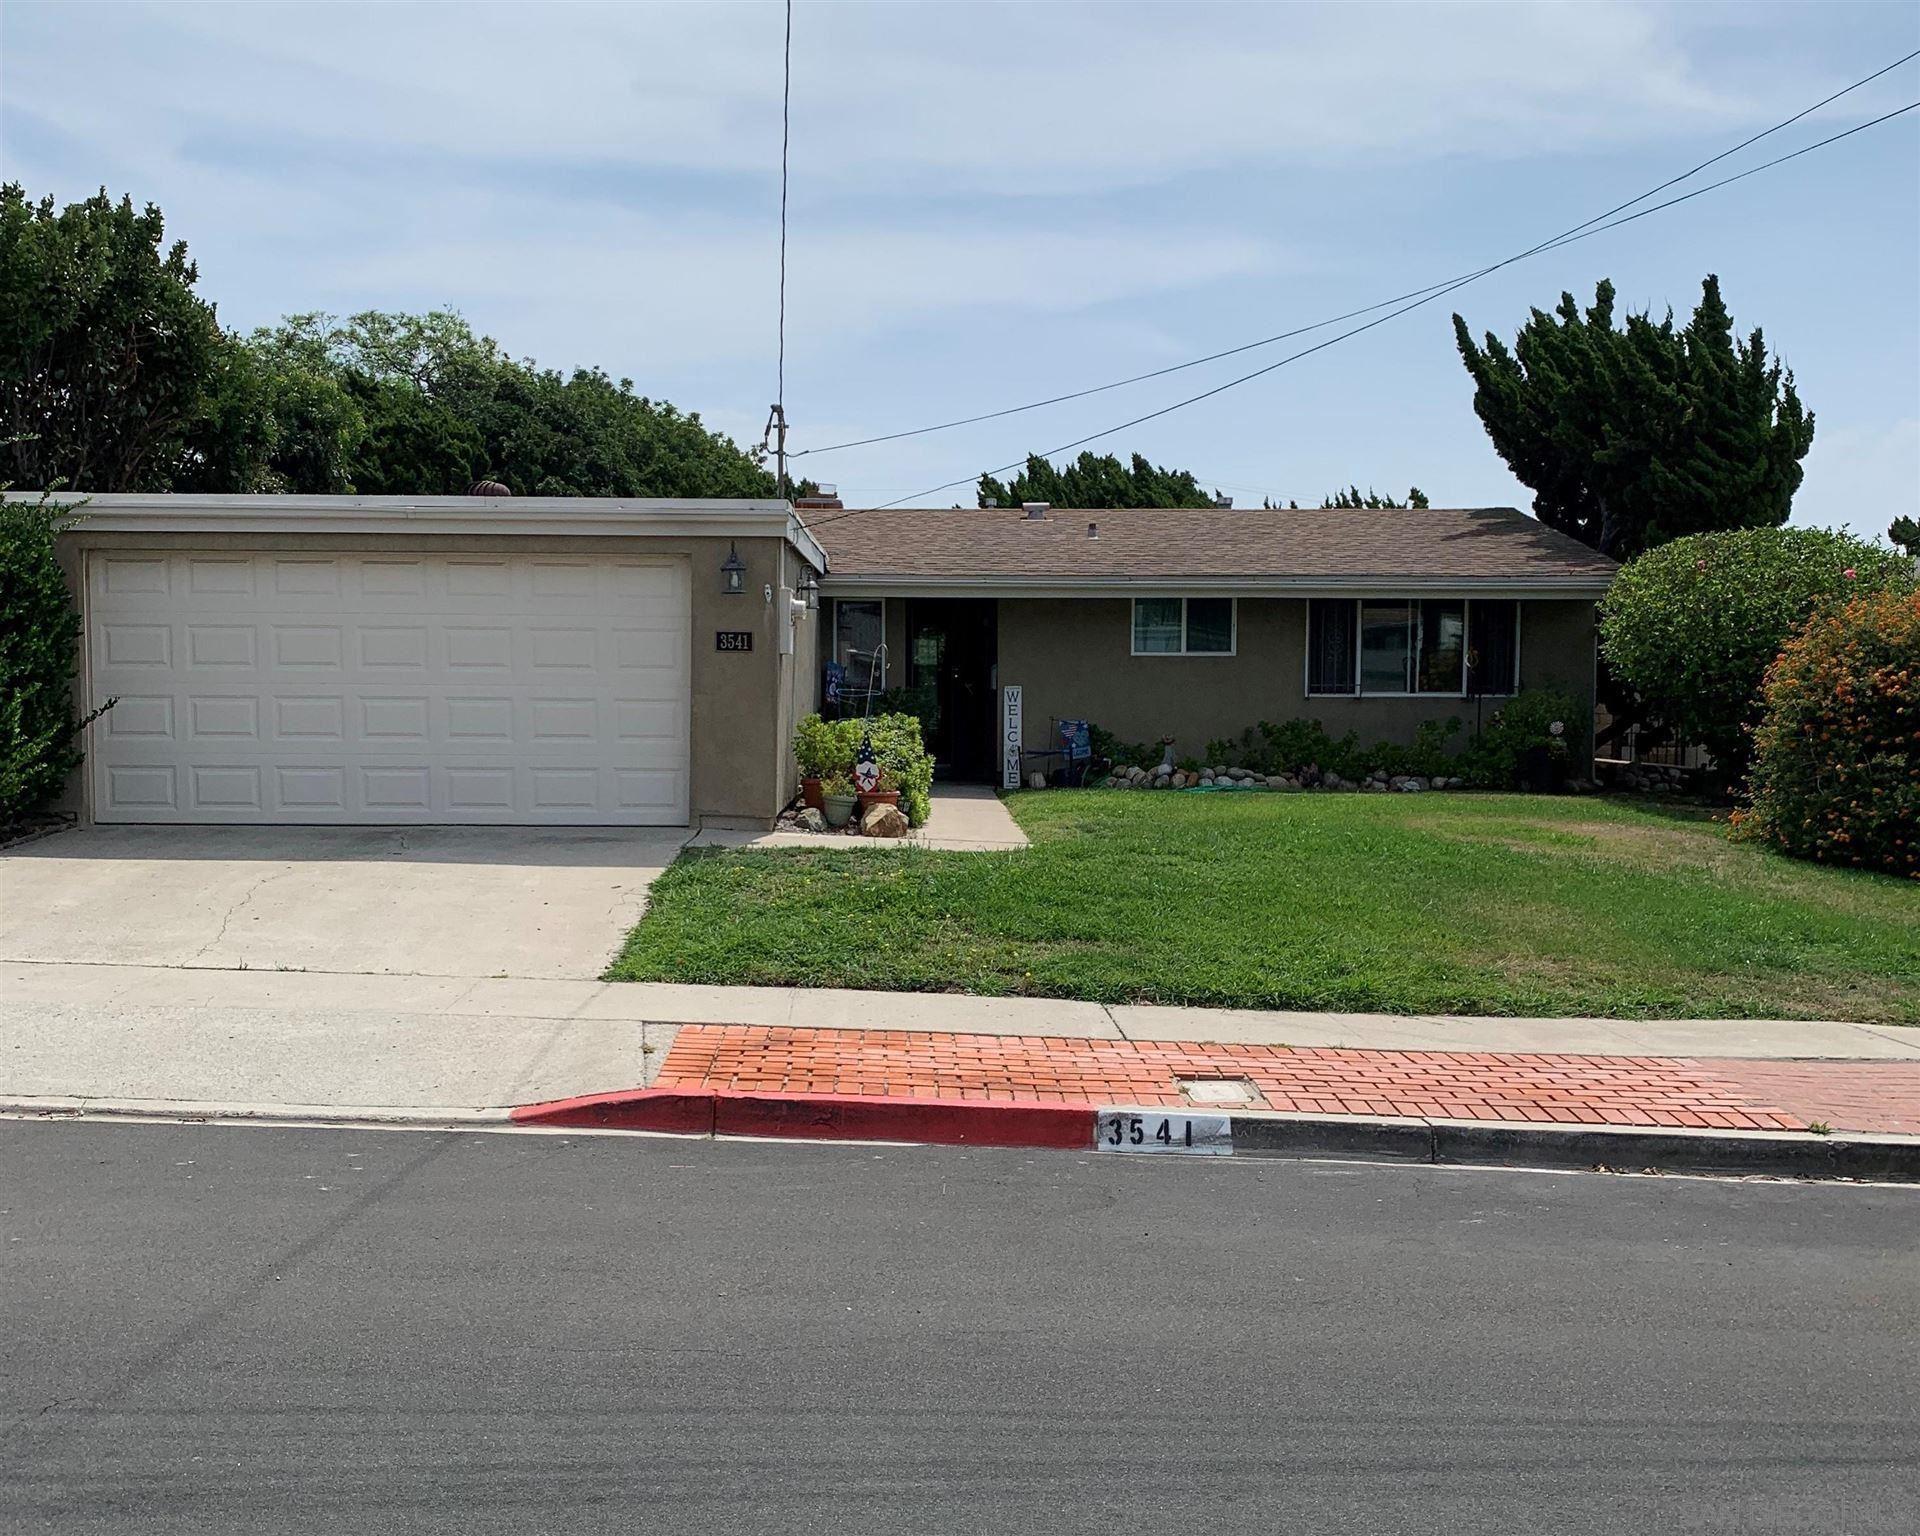 3541 Marathon Drive, San Diego, CA 92123 - MLS#: 210020826